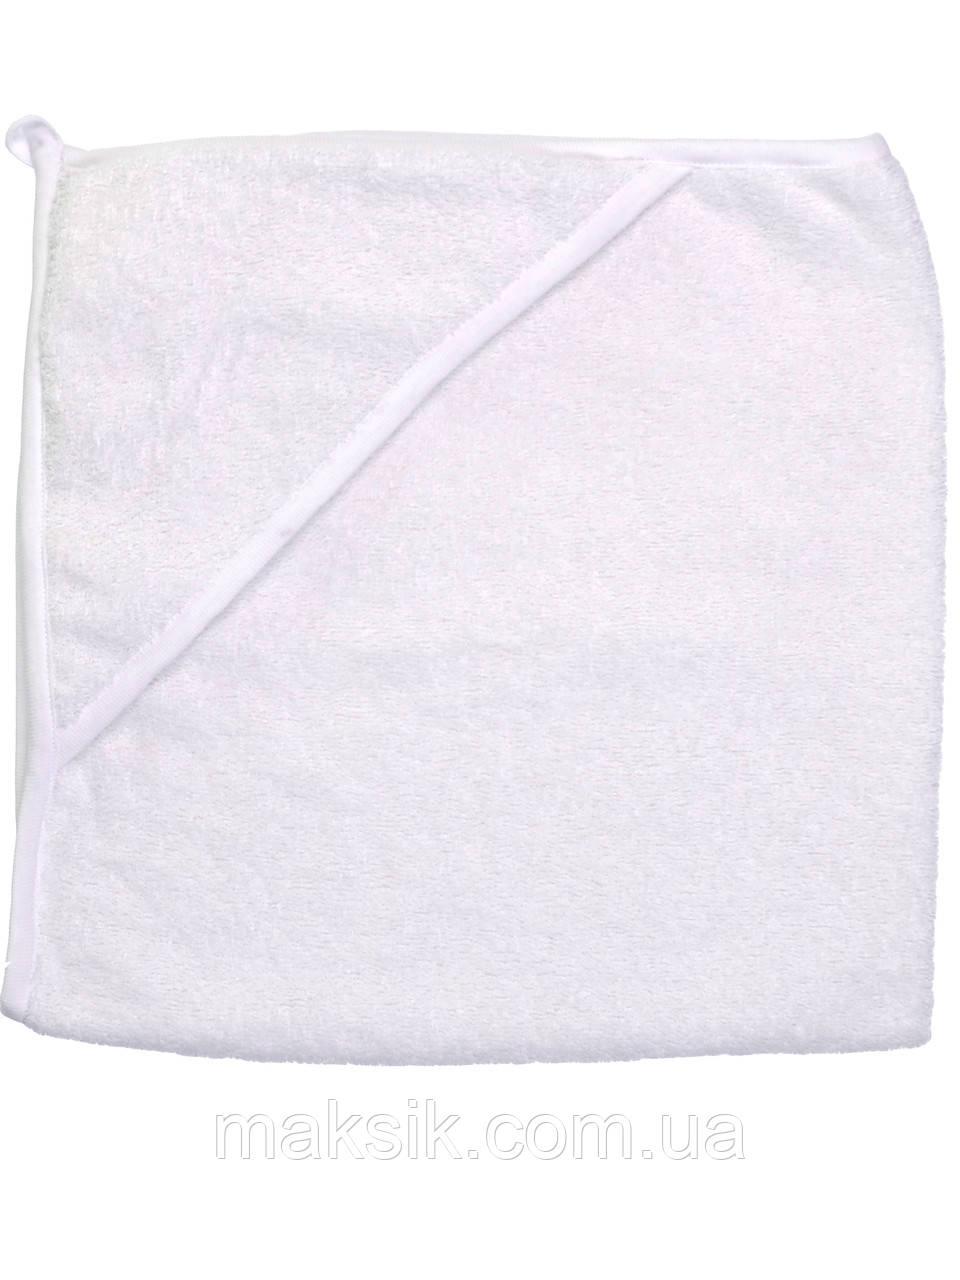 Детское полотенце-уголок  для купания